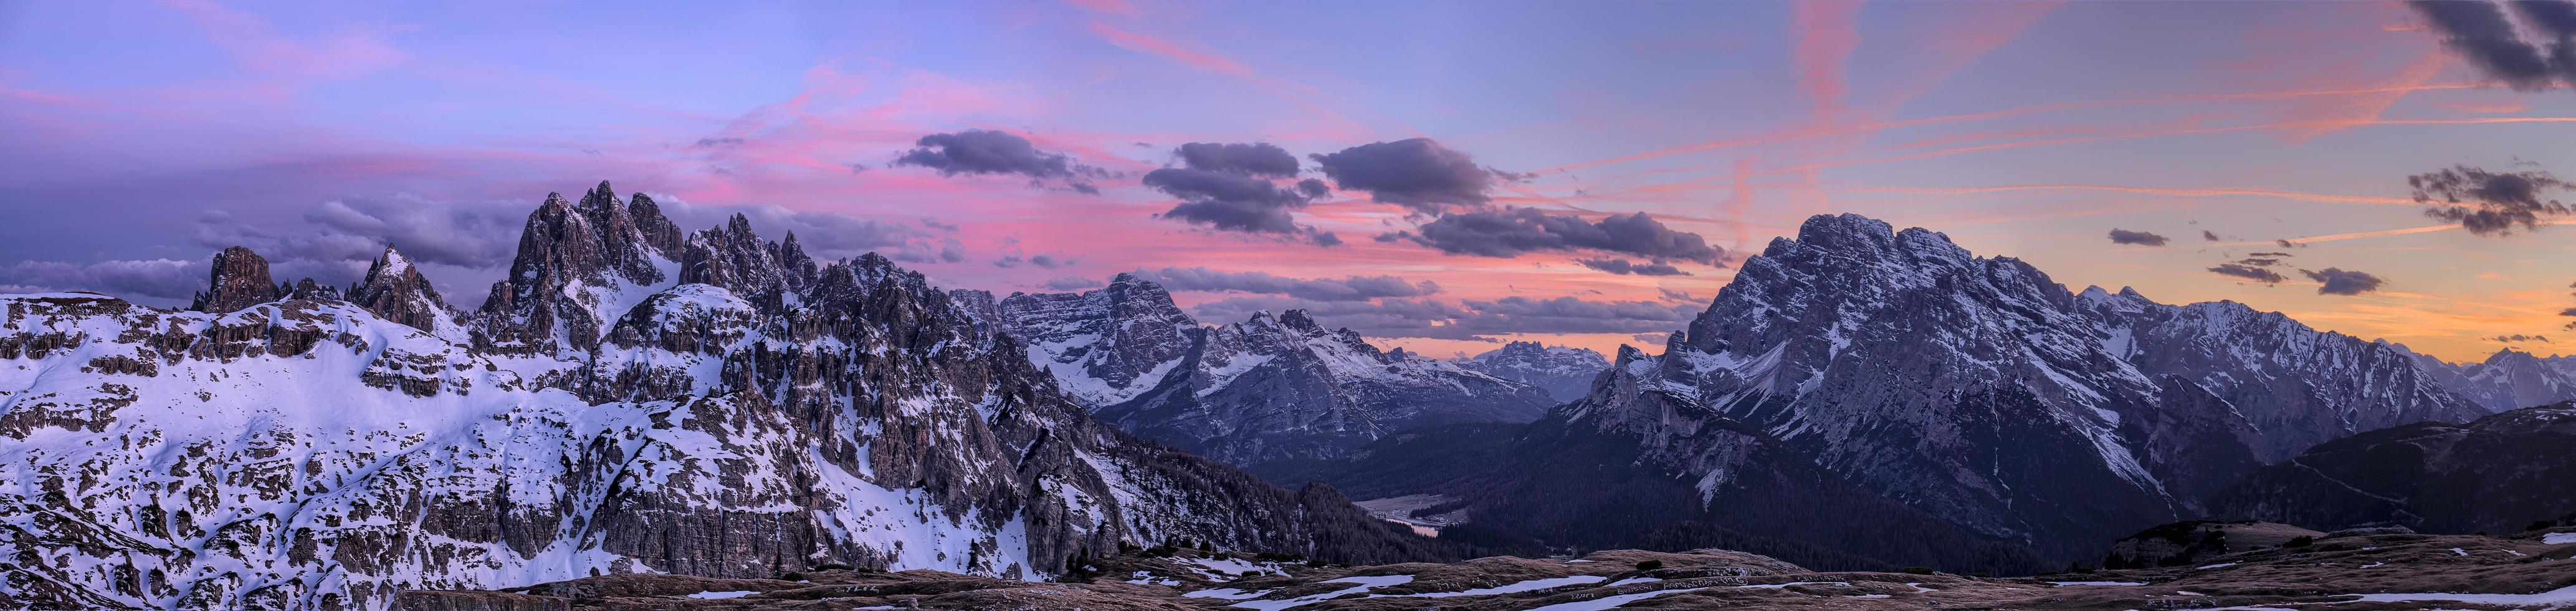 Sunrise in the Dolomites photo